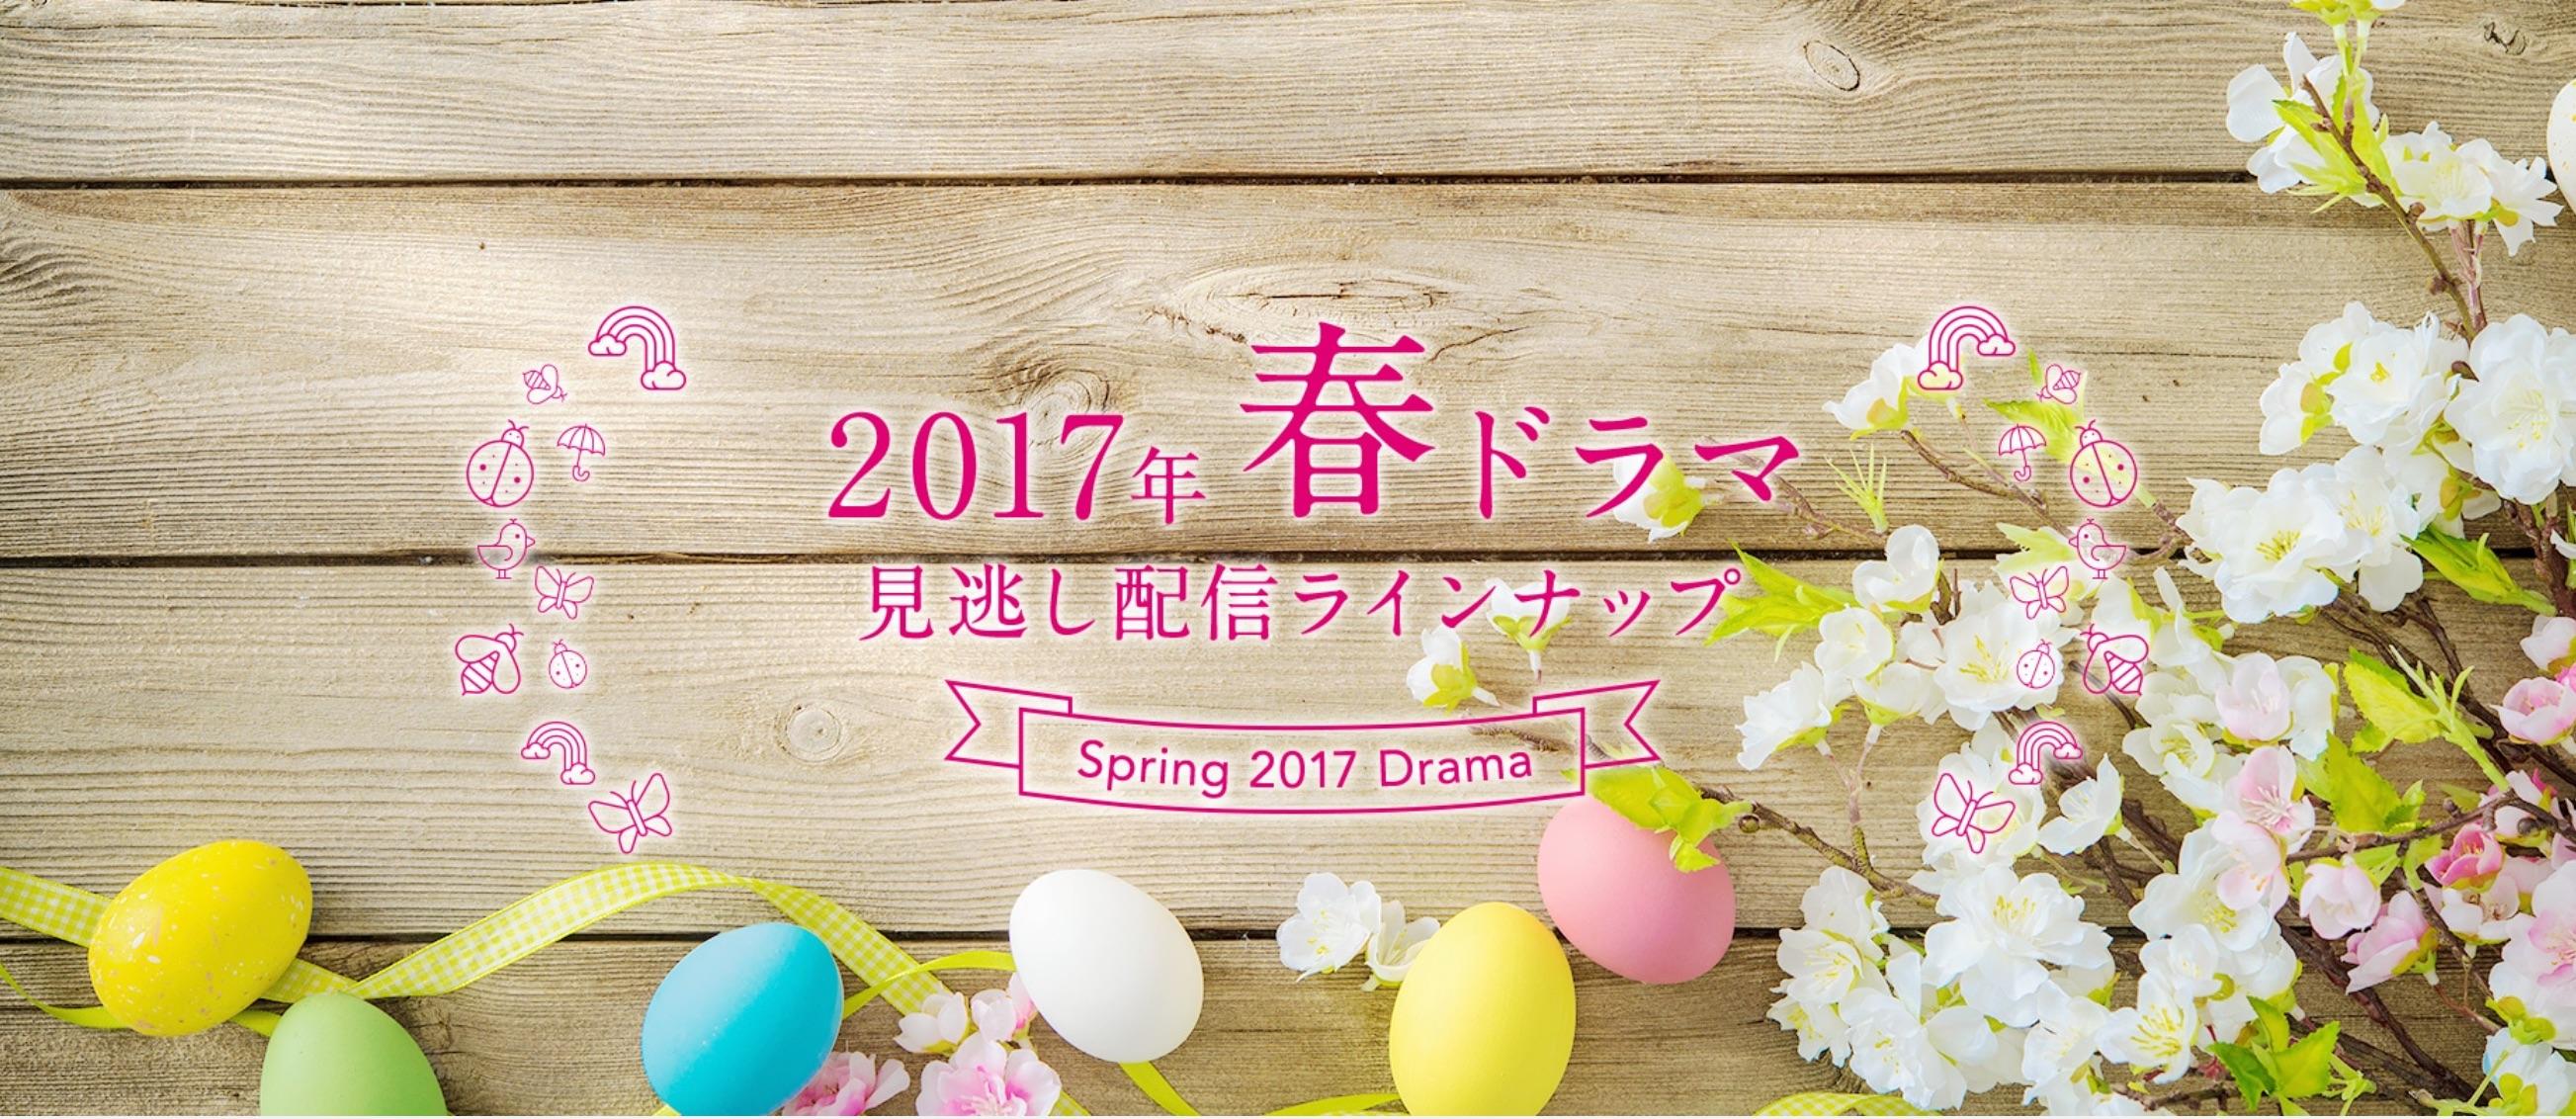 2017年春ドラマ見逃し配信ラインナップ